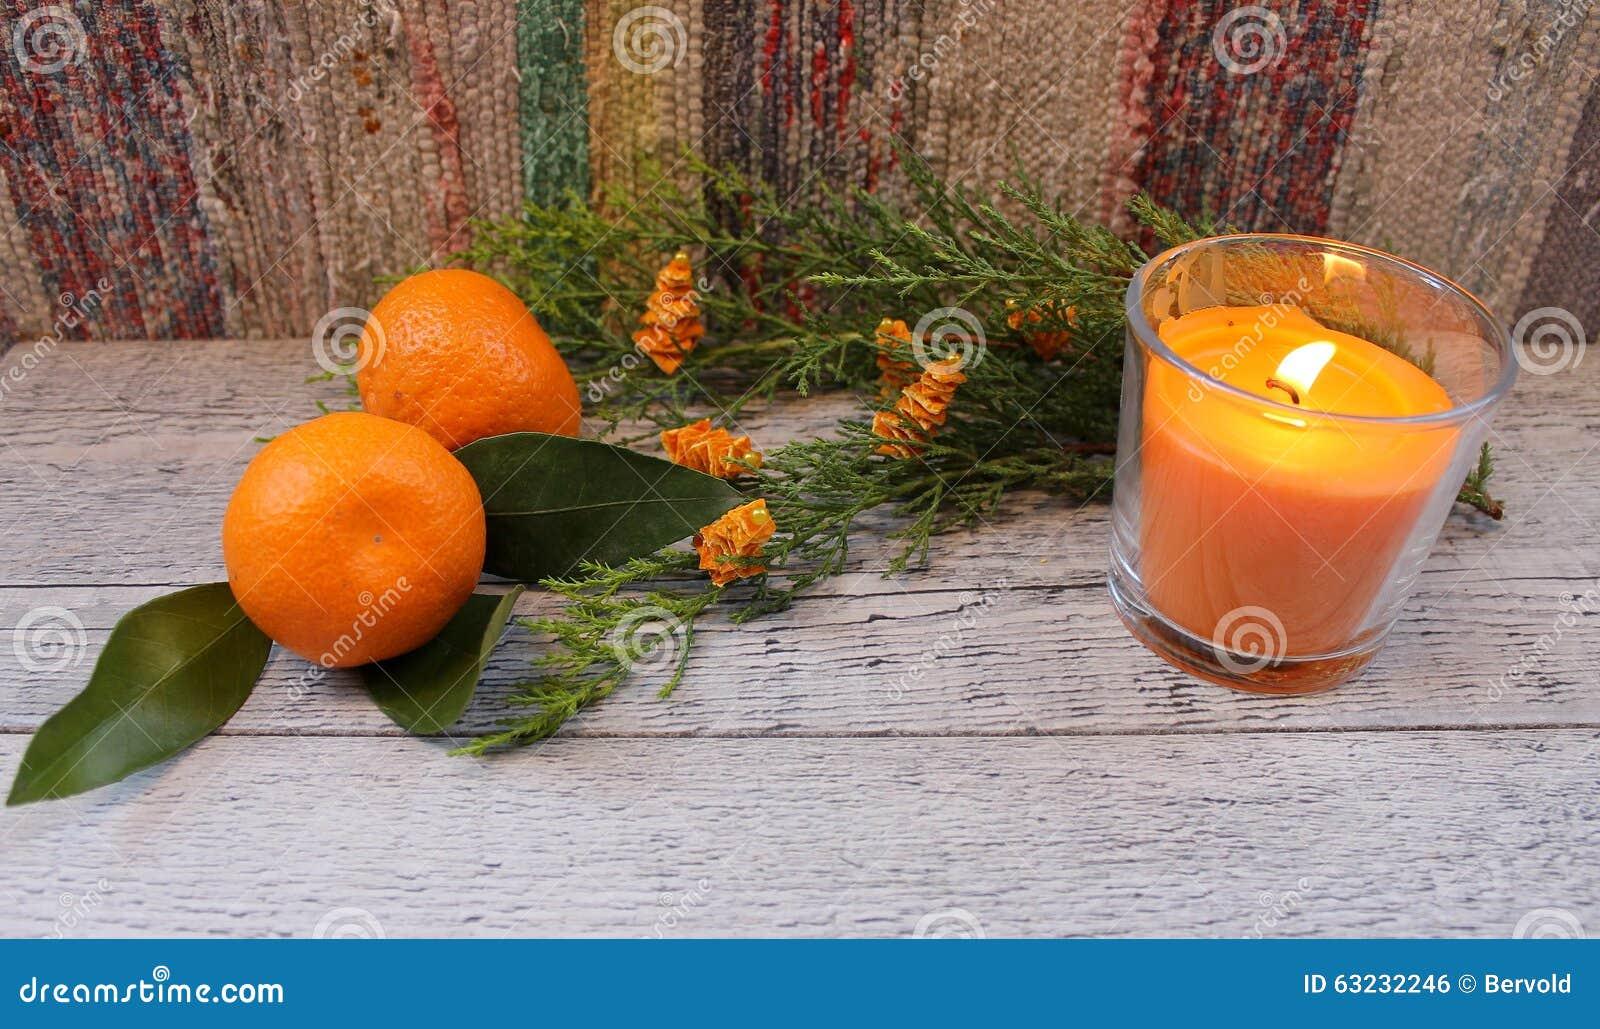 Nowego Roku skład z tangerines, arborvitae gałąź, świeczkami i choinkami,